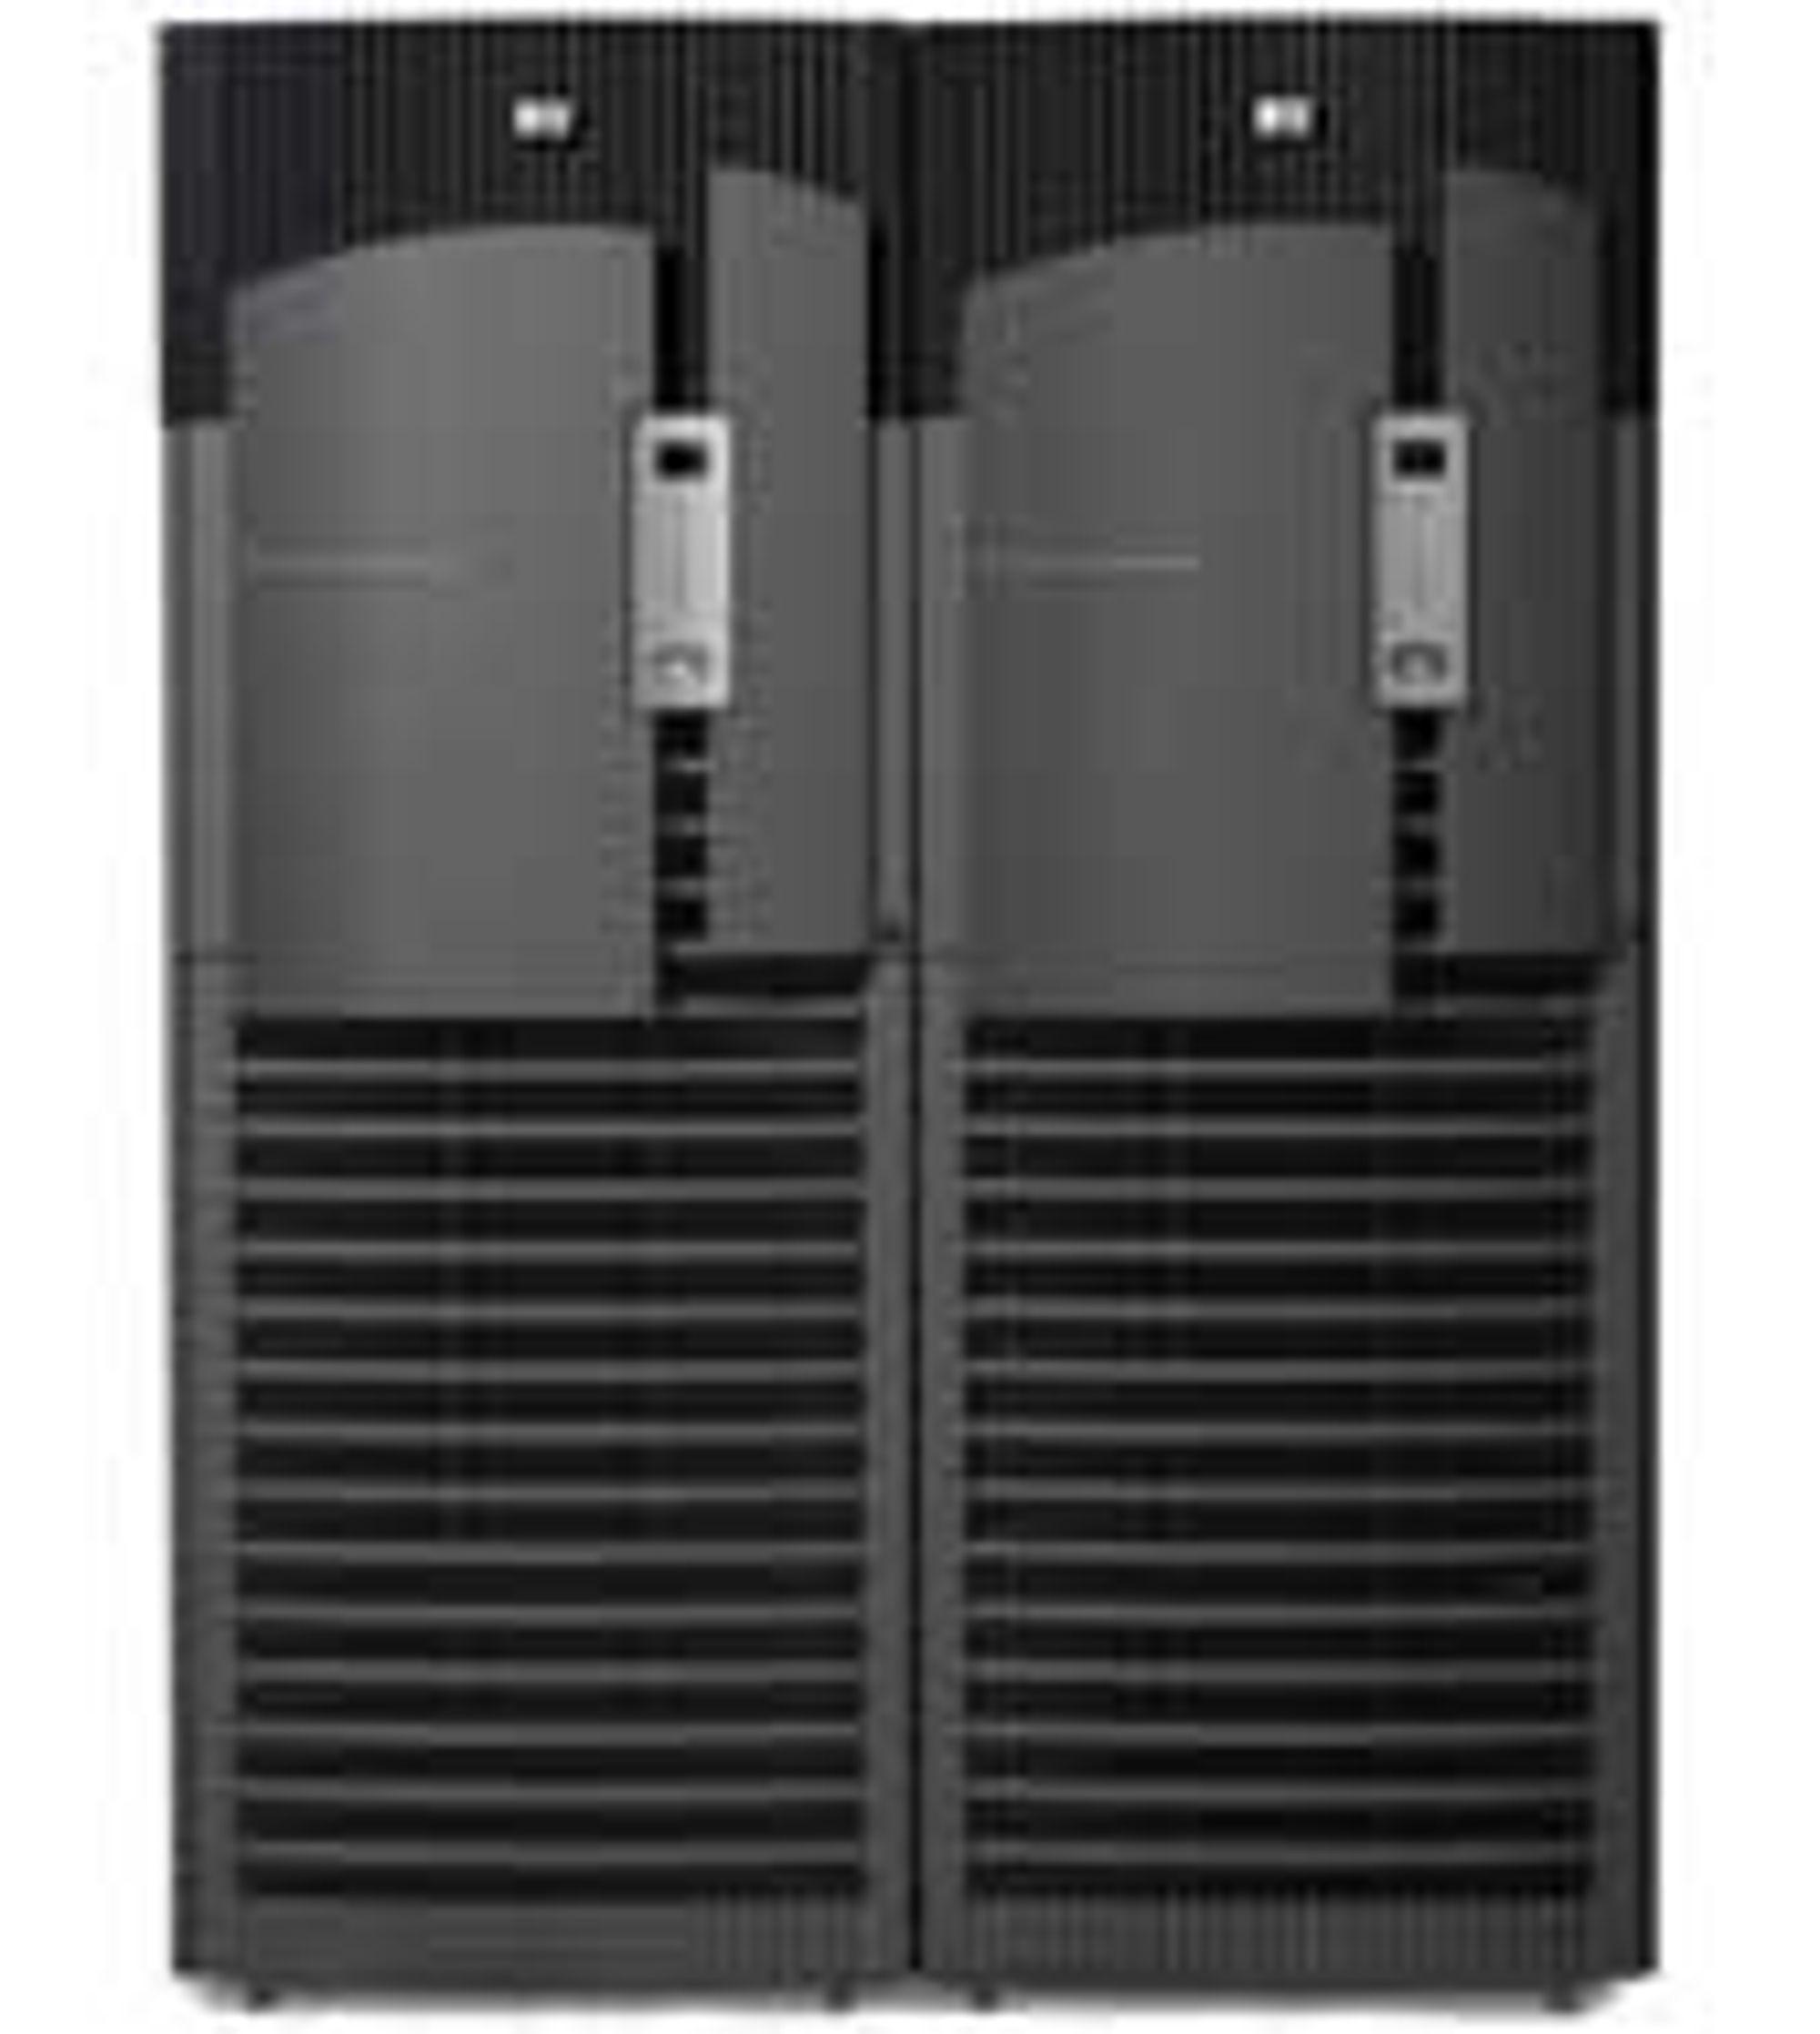 HPs Integrity Superdome Server støtter allerede opptil 128 prosessorkjerner.